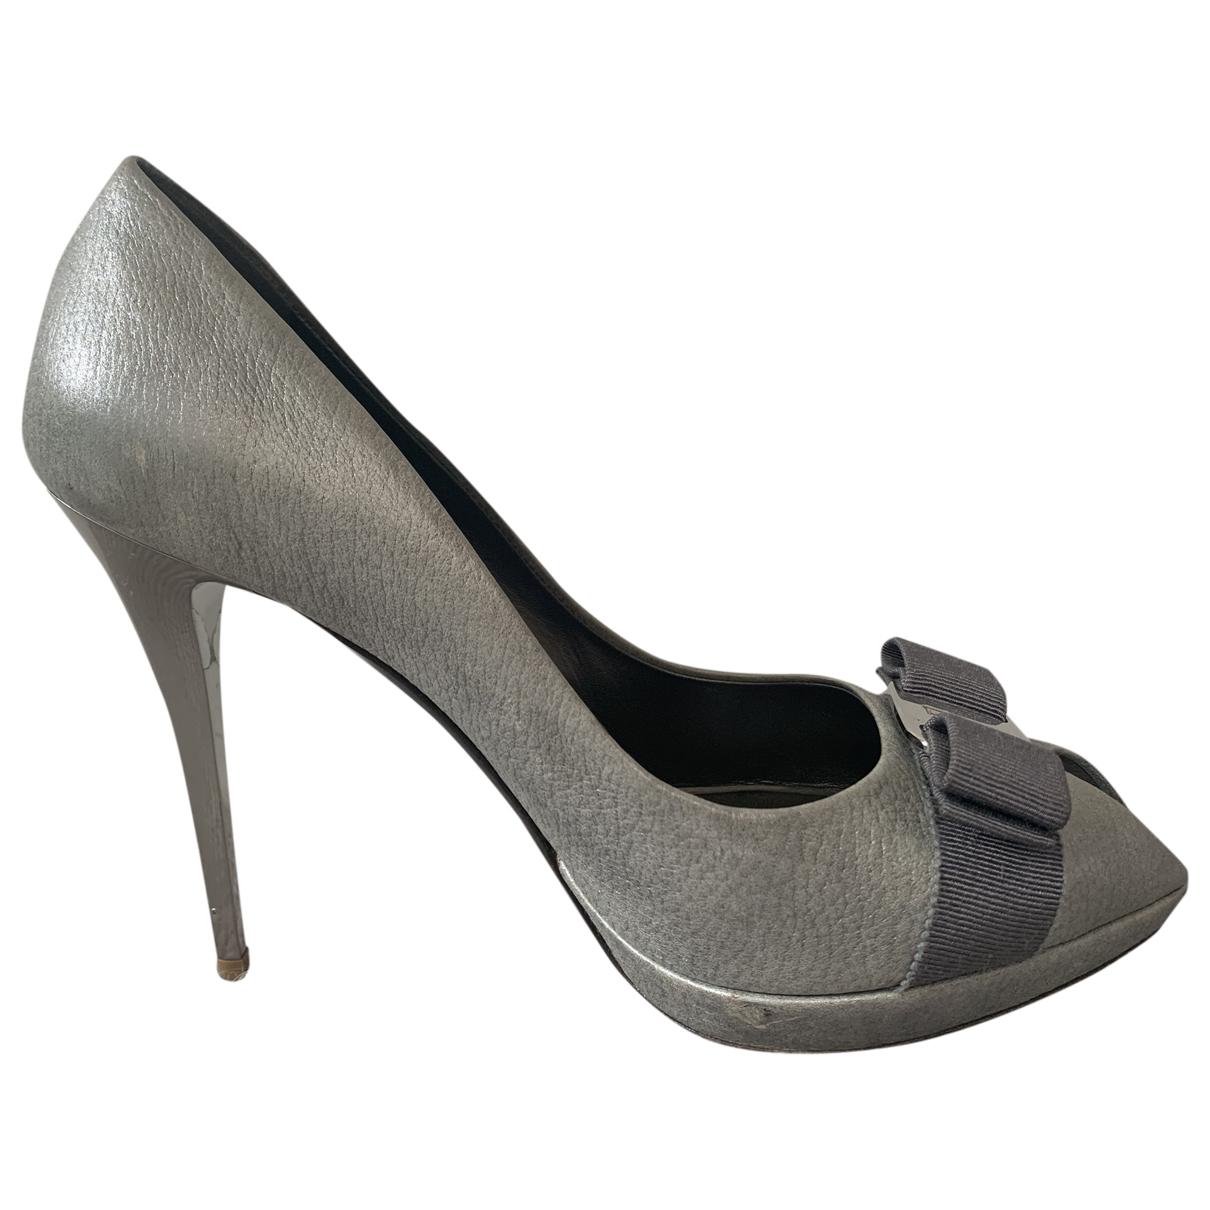 Salvatore Ferragamo \N Metallic Pony-style calfskin Heels for Women 8 US